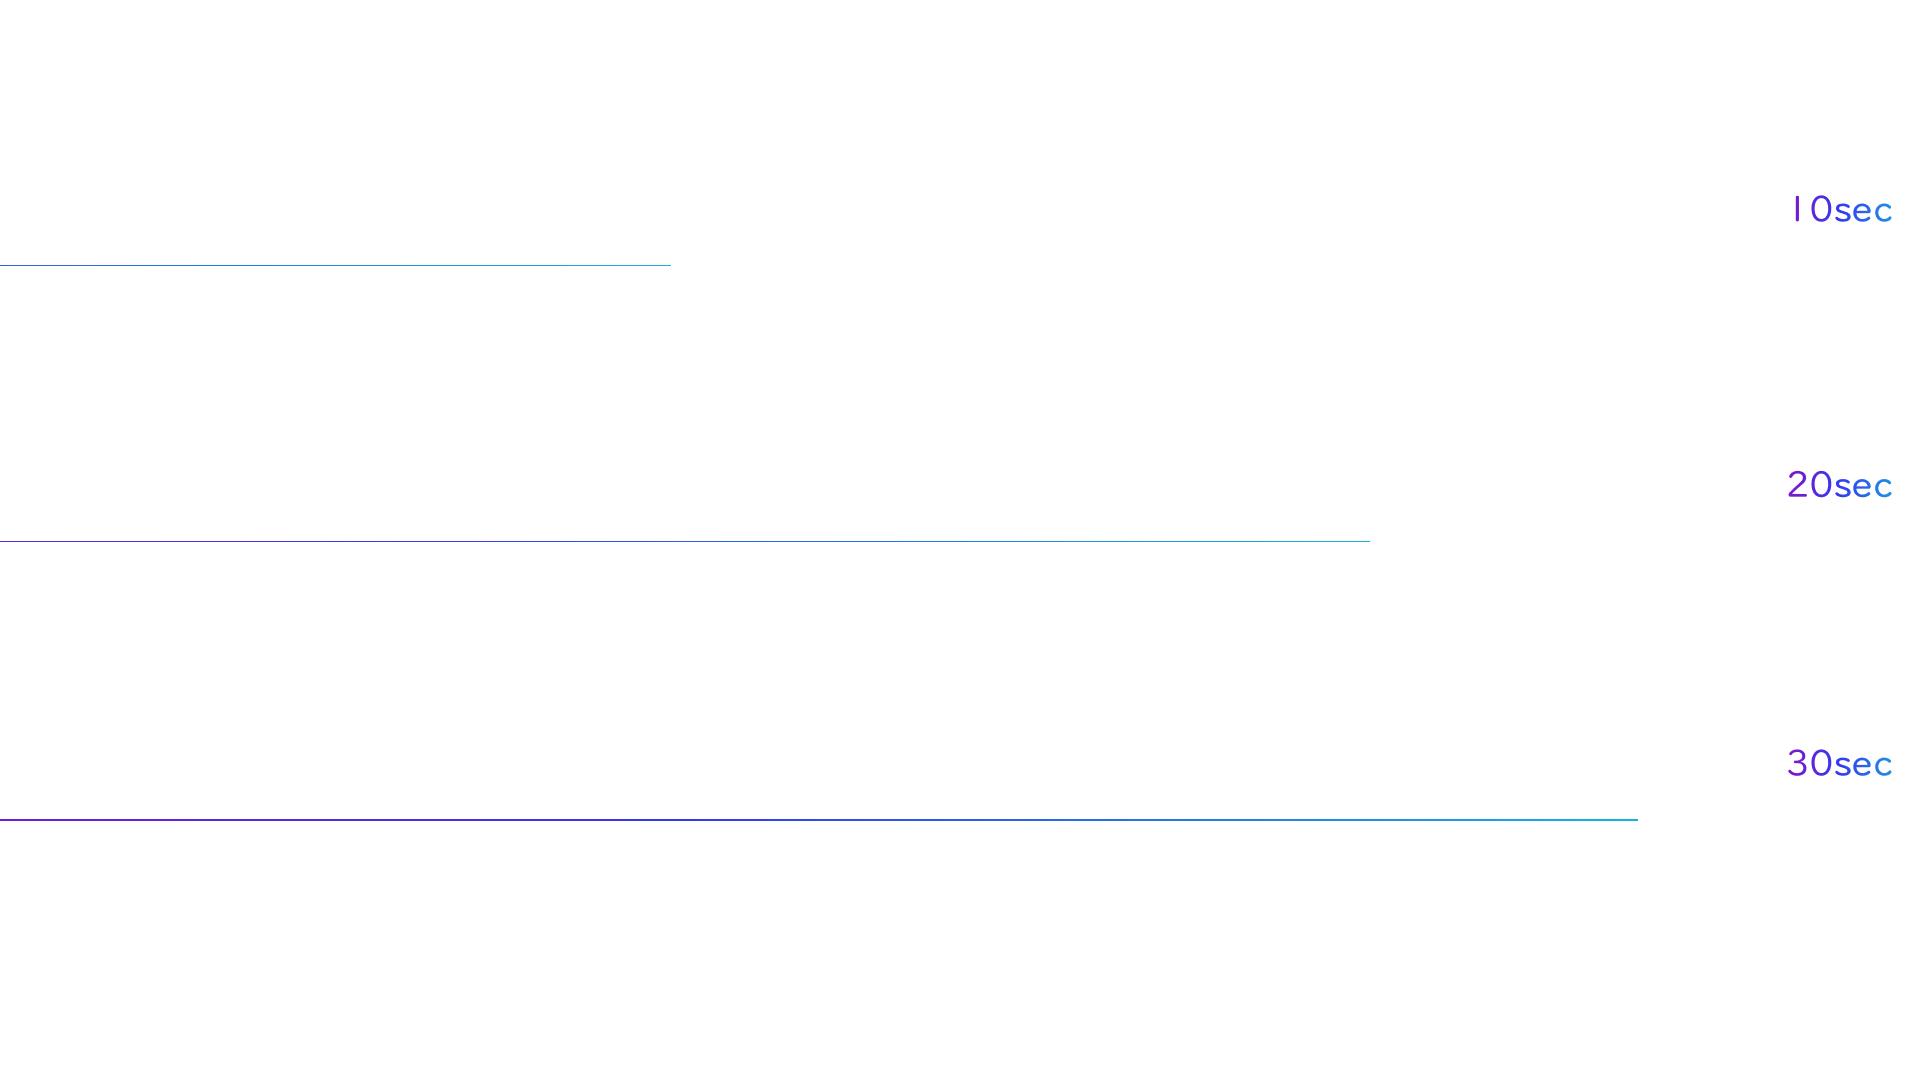 A098[TUP]LineTimer10_30sec(1Slide)